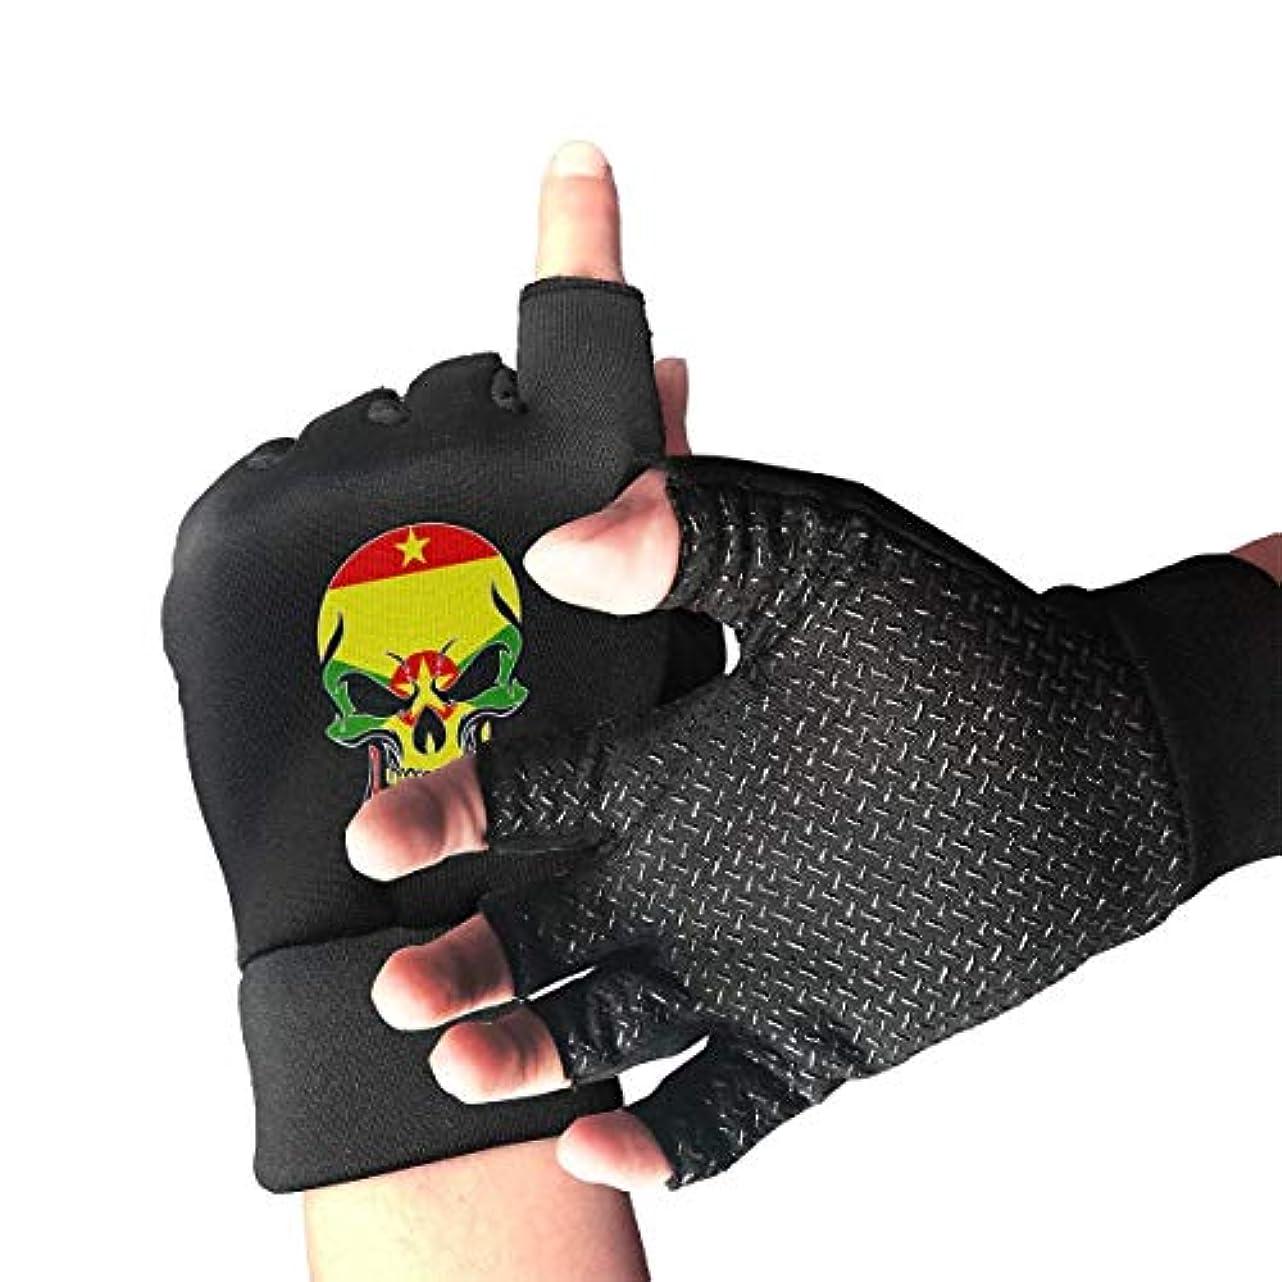 お父さんパス引用Grenada Skull Flag Fingerless/Half Finger Gloves自転車用手袋/サイクリングマウンテン用手袋/滑り止め衝撃吸収通気性メンズ/レディース用手袋